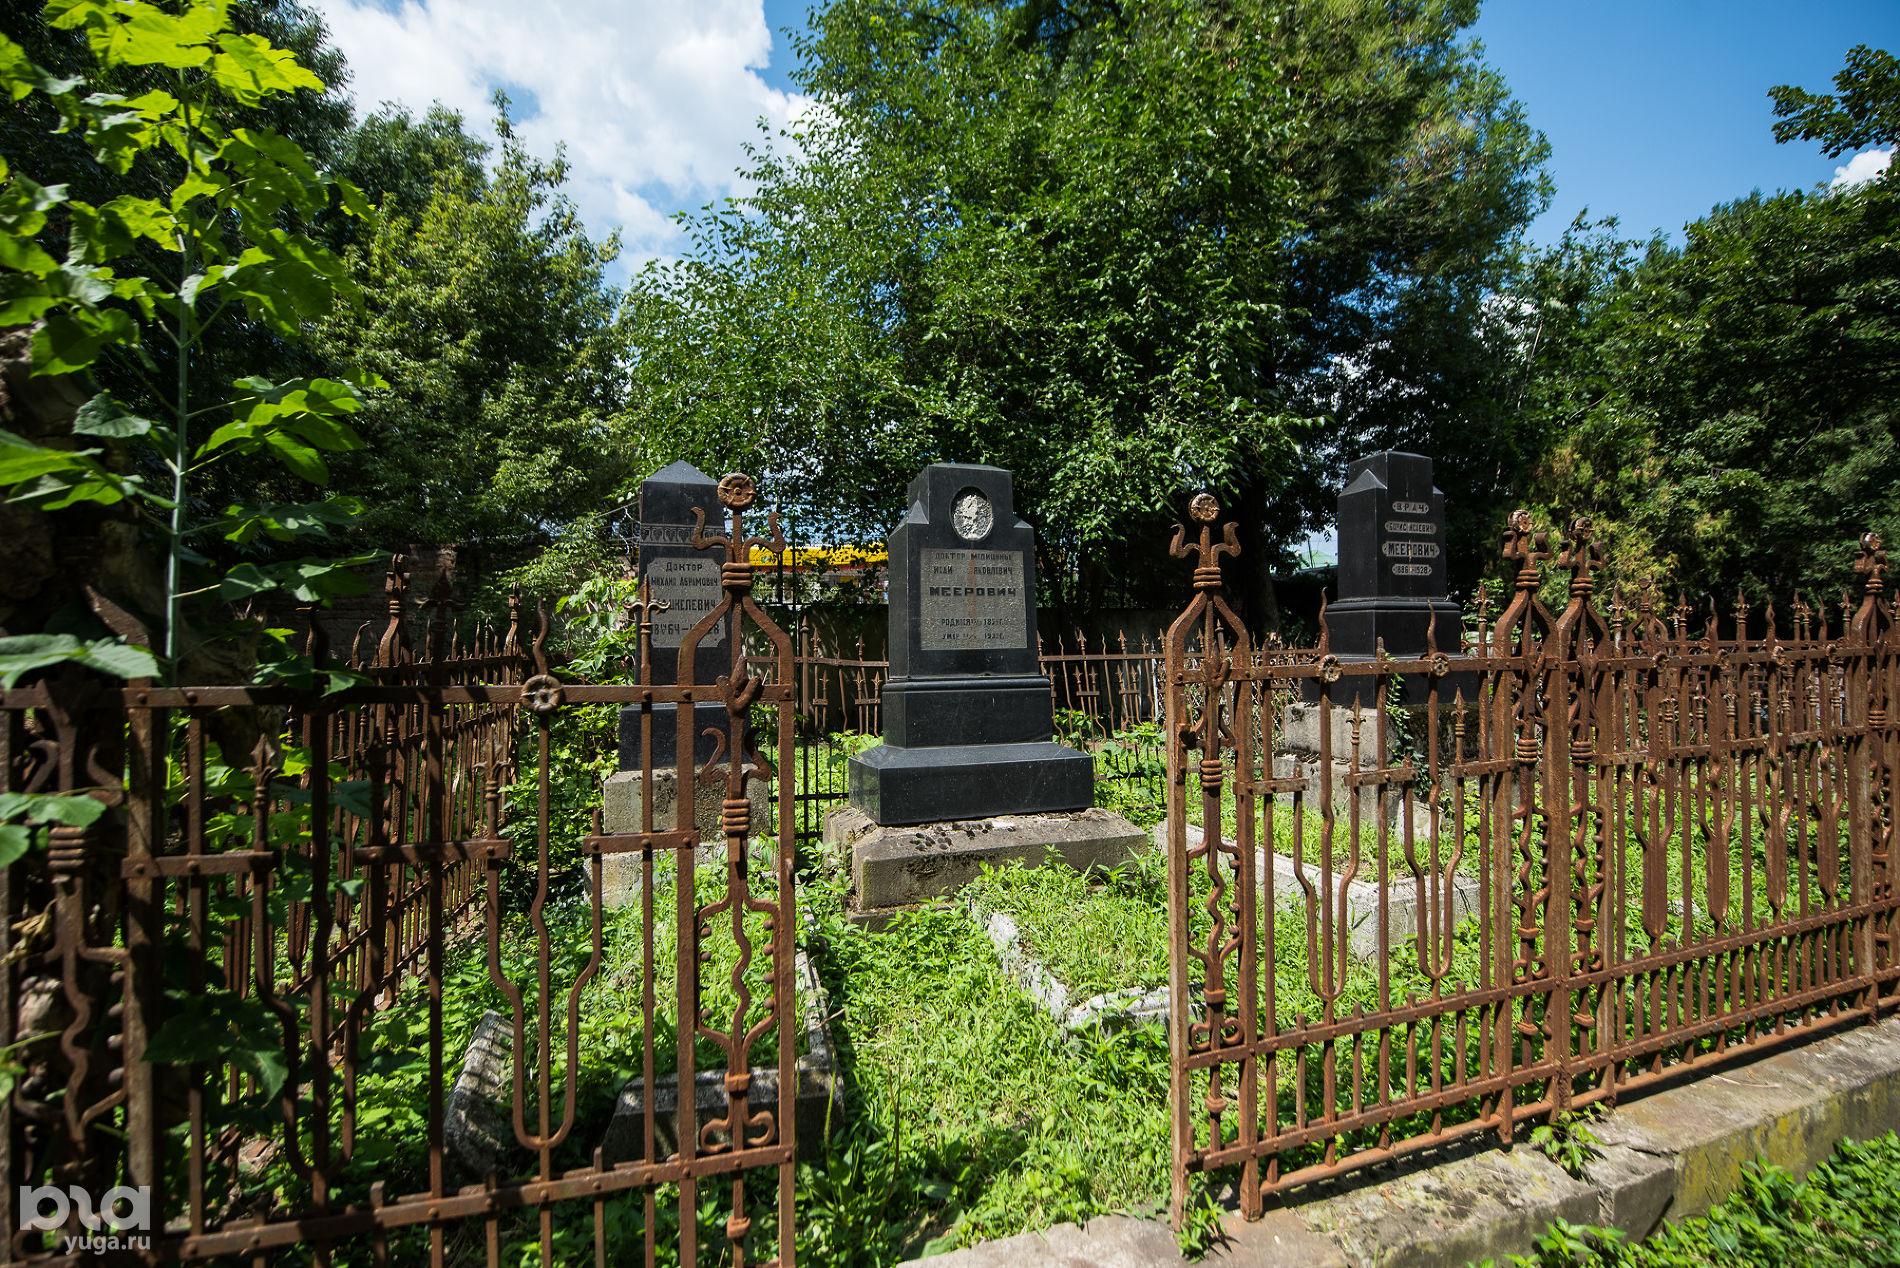 Еврейское кладбище Краснодара. Могила Исая Мееровича ©Фото Елены Синеок, Юга.ру